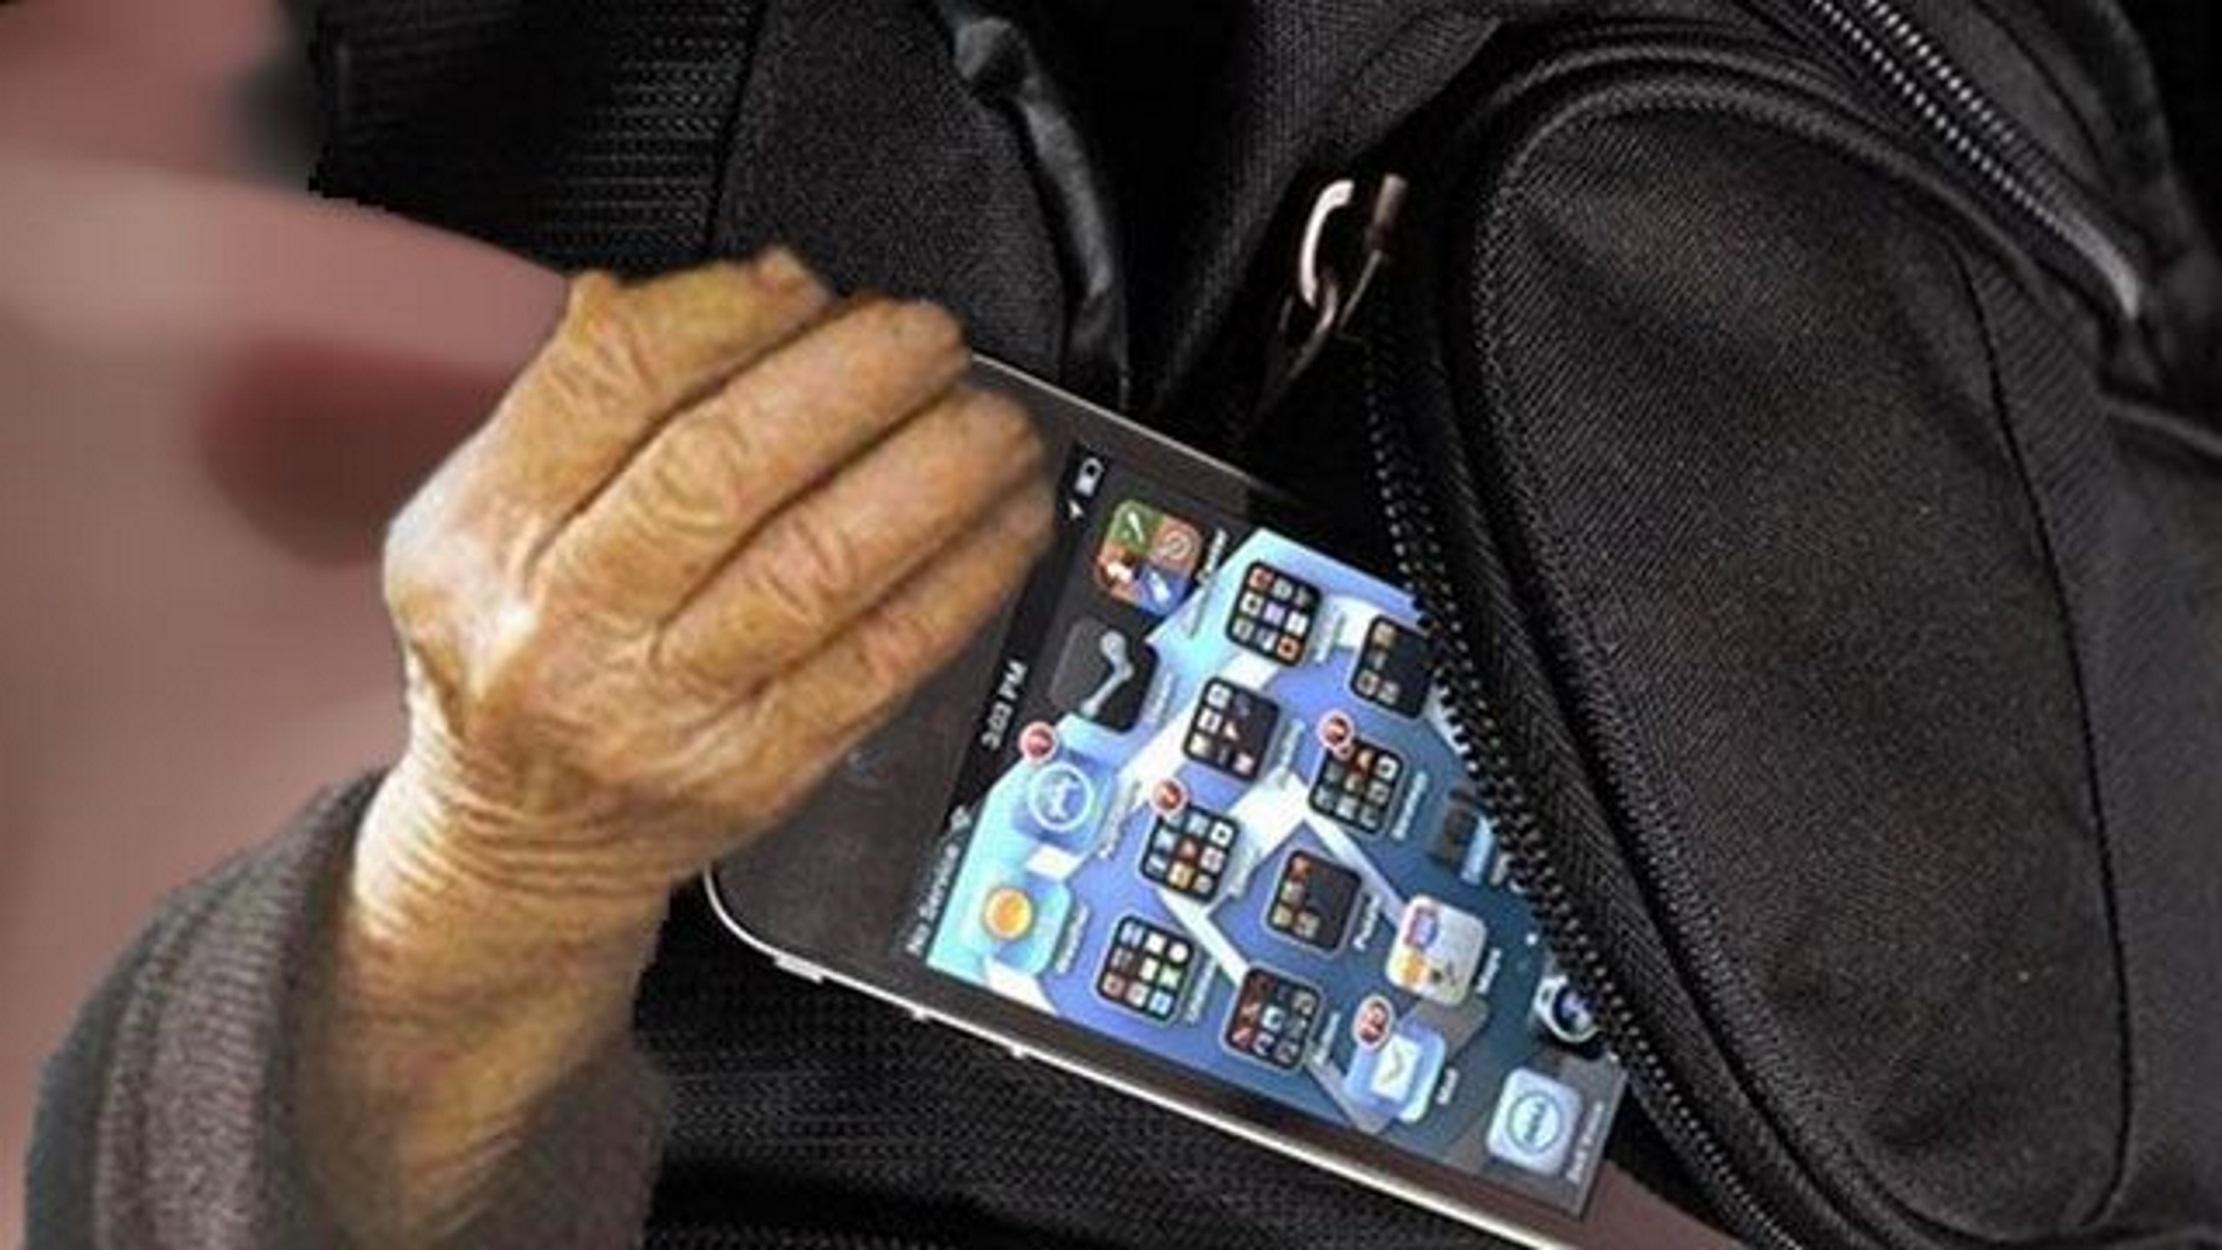 80χρονη έκλεψε κινητό στη λαϊκή - Δεν υπολόγισε όμως τον μικρό που παρακολουθούσε…!